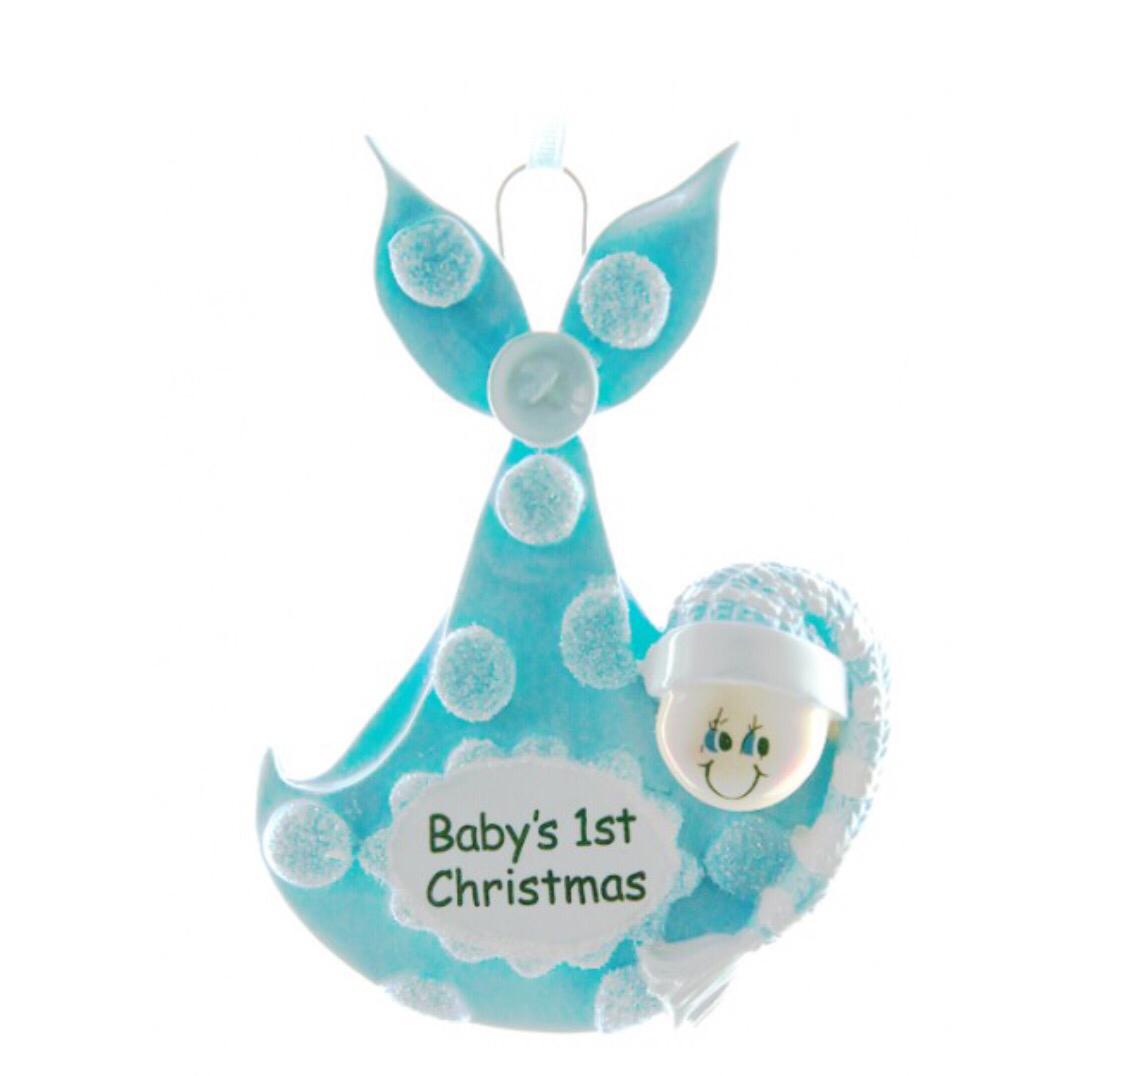 Blue baby bundle ornament